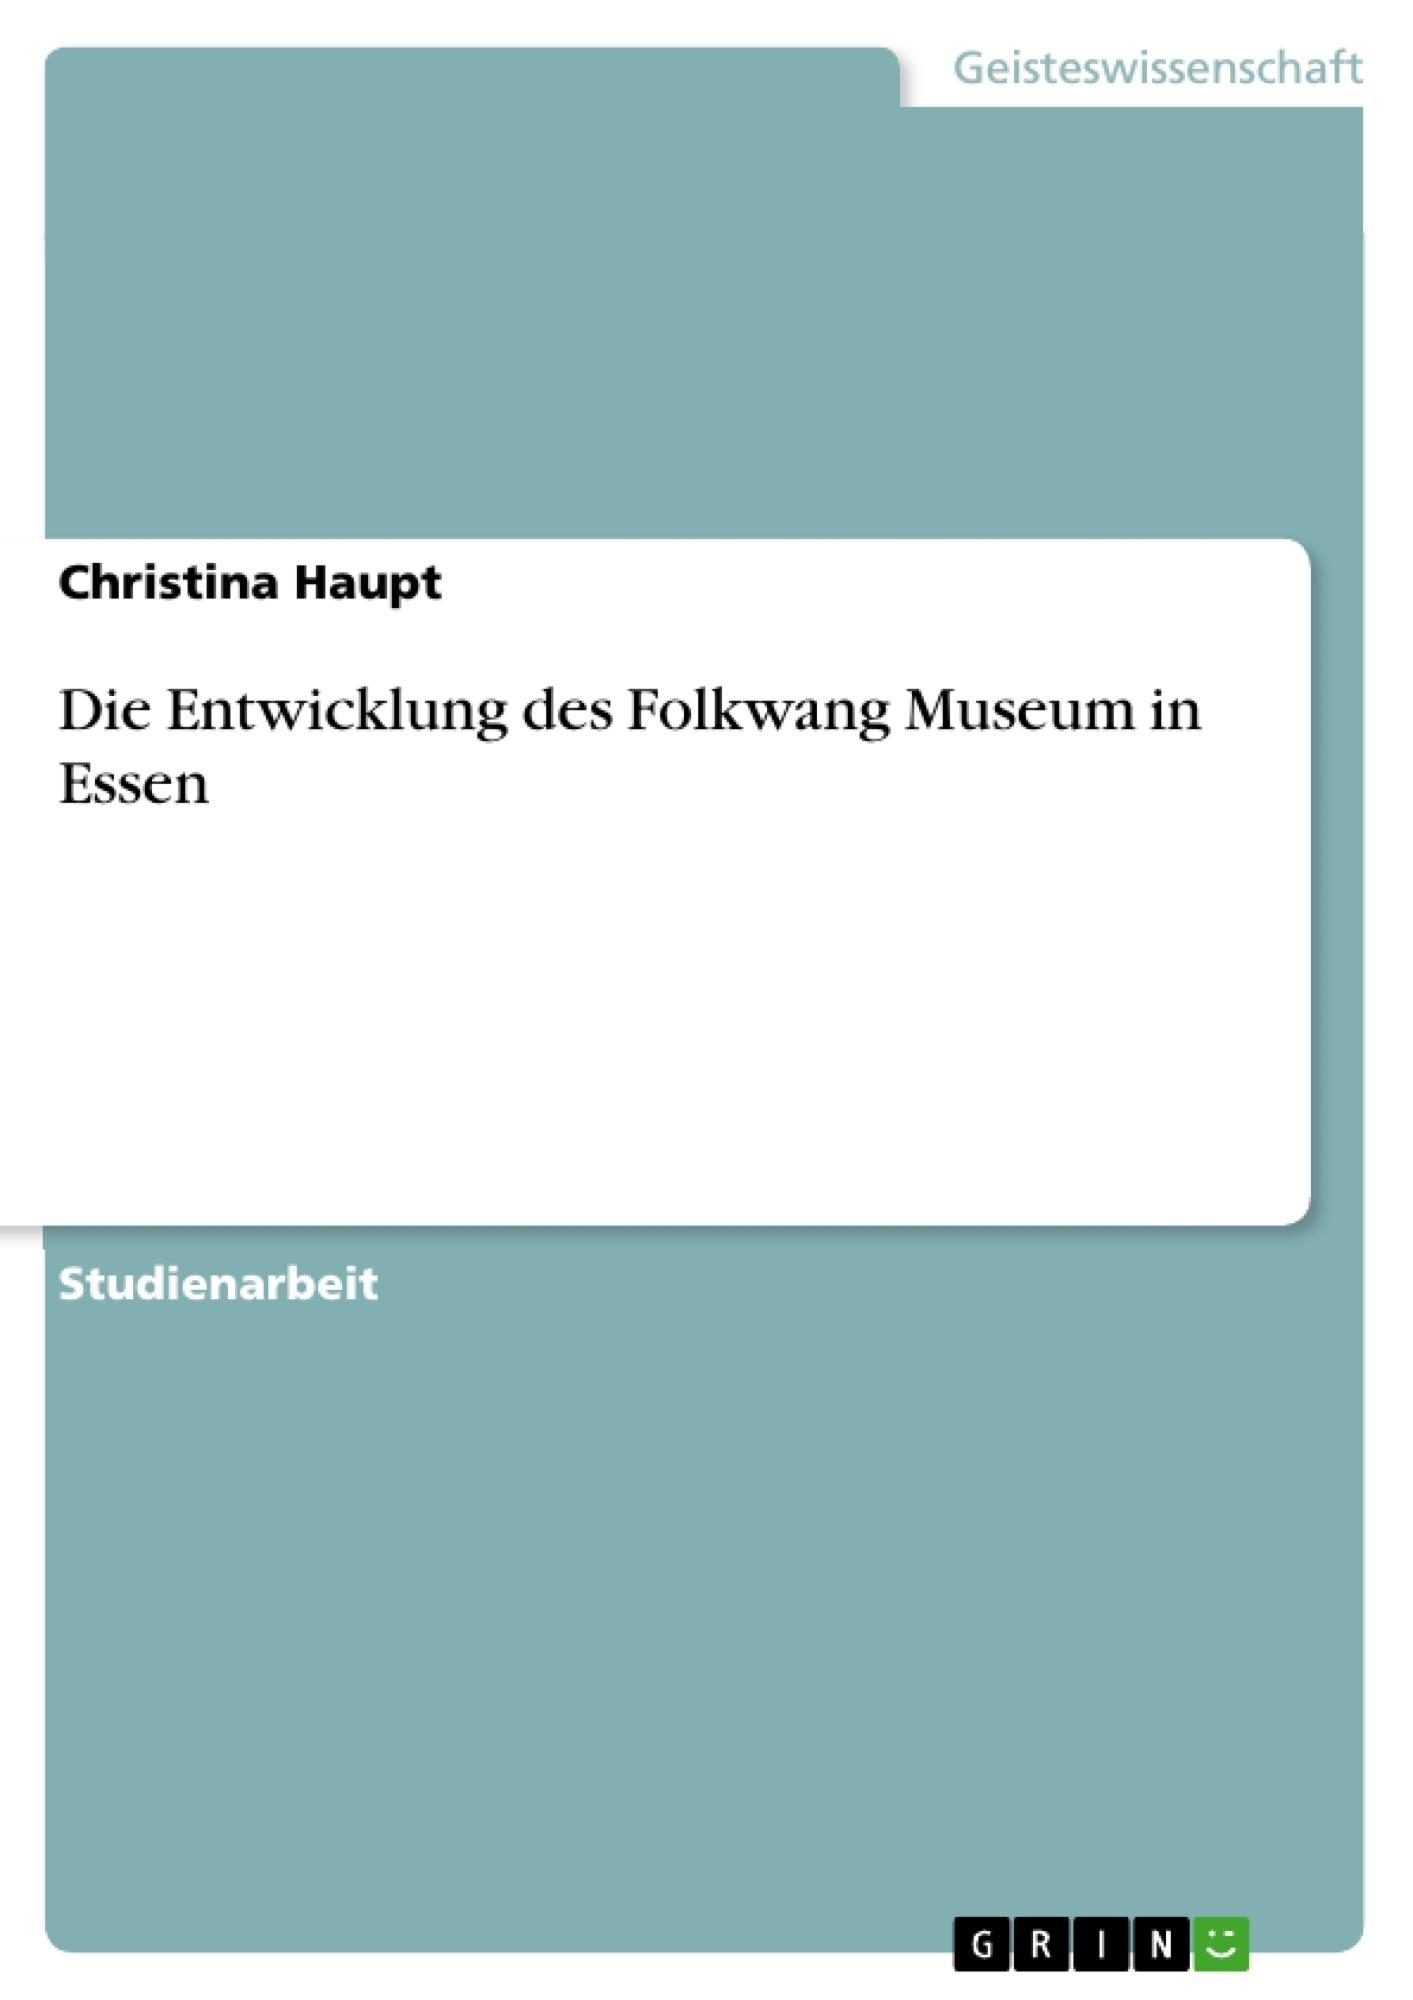 Titel: Die Entwicklung des Folkwang Museum in Essen